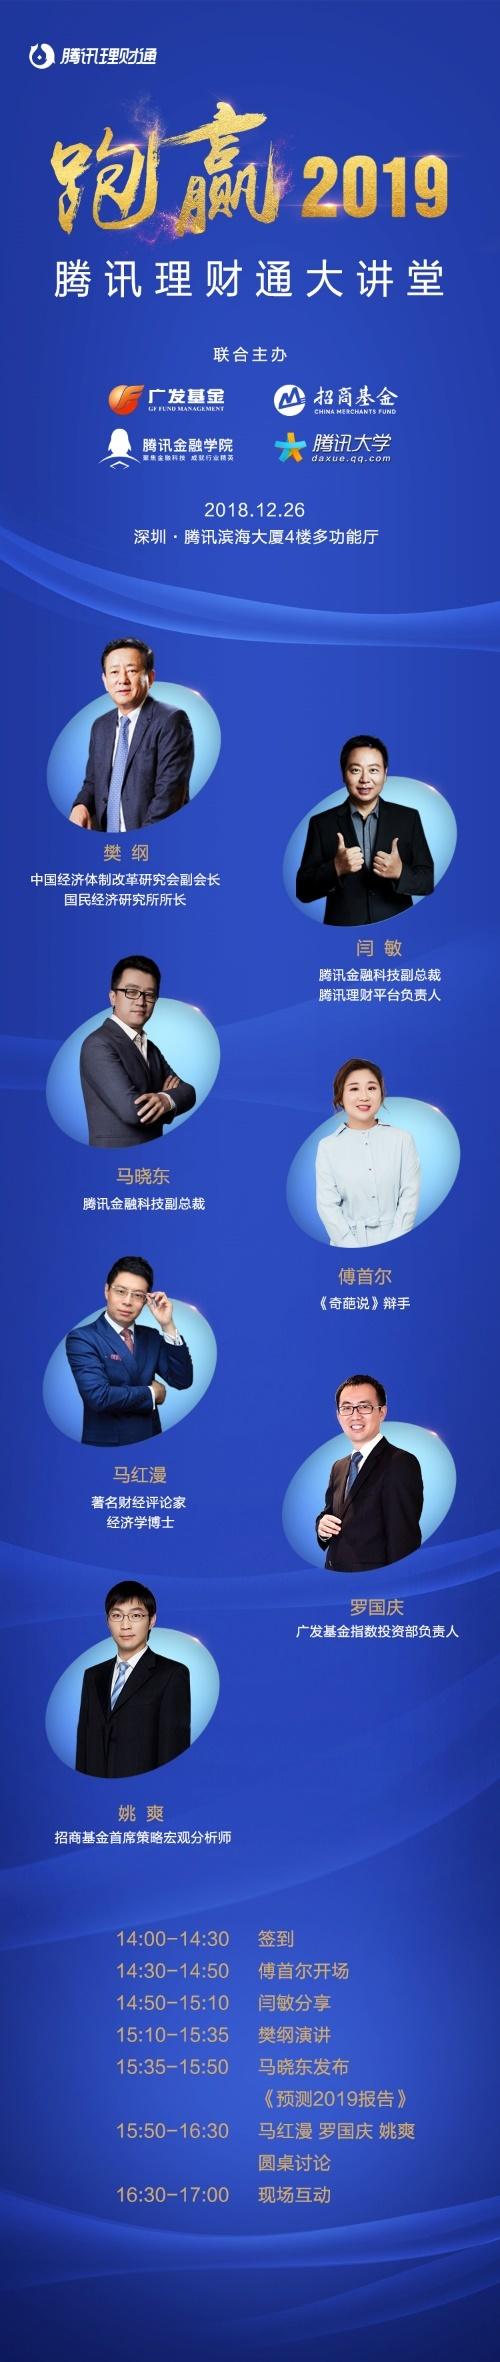 """""""跑赢2019・腾讯理财通大讲堂""""将于12月26日在深圳举办"""